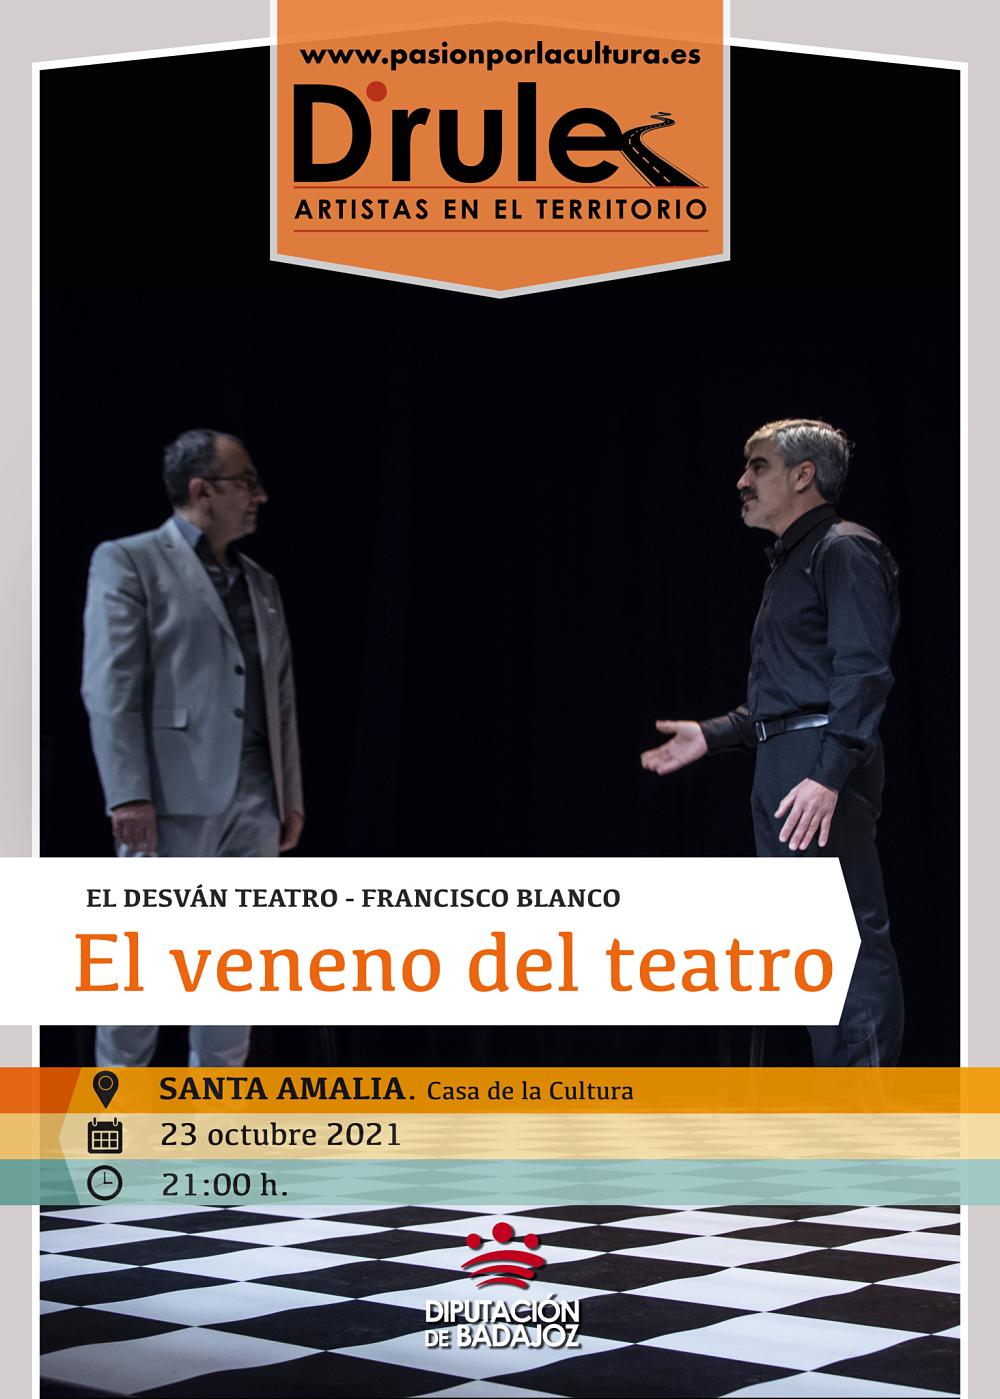 Imagen del Evento El veneno del teatro